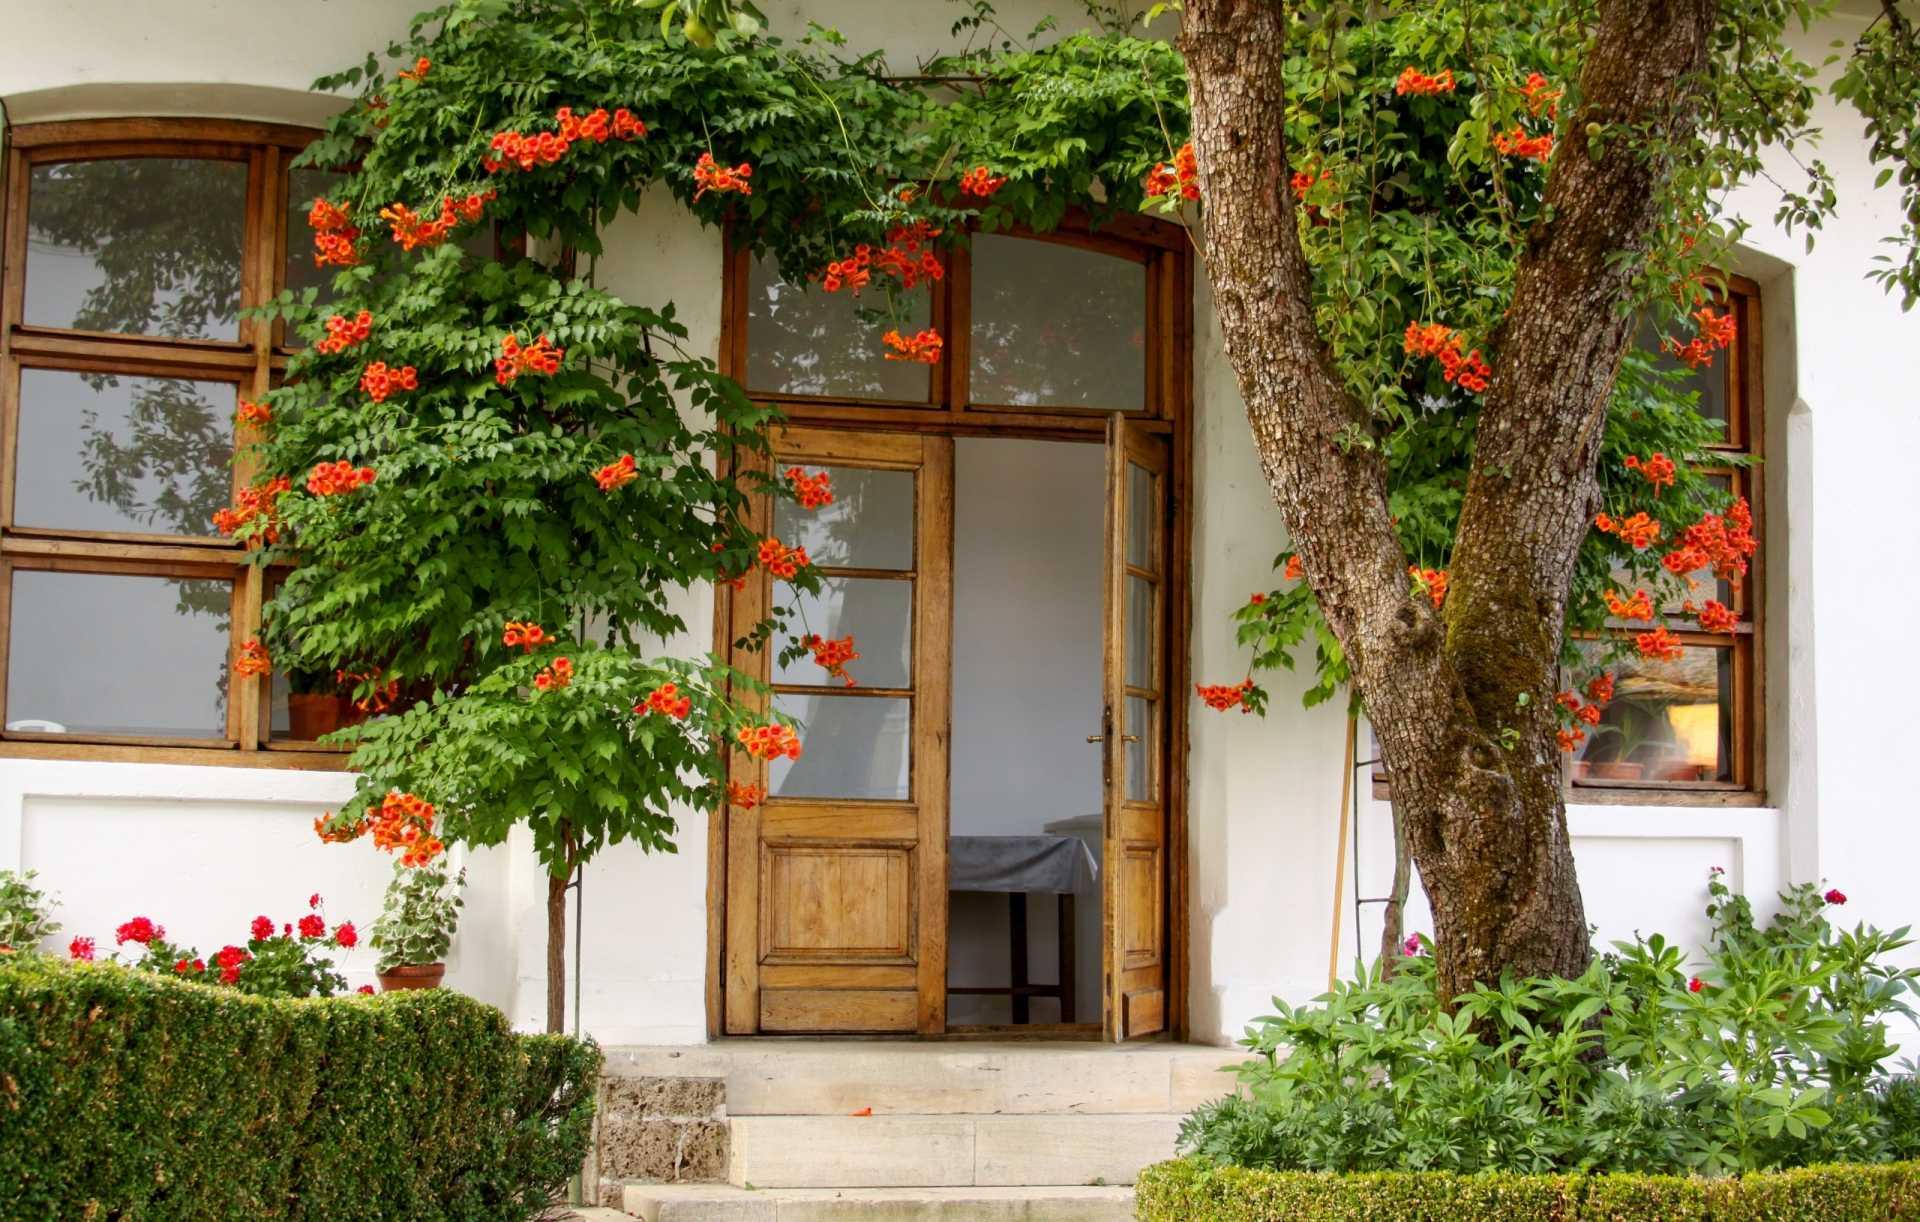 17 Immergrüne Hängepflanzen als dekorative Elemente im Außenbereich